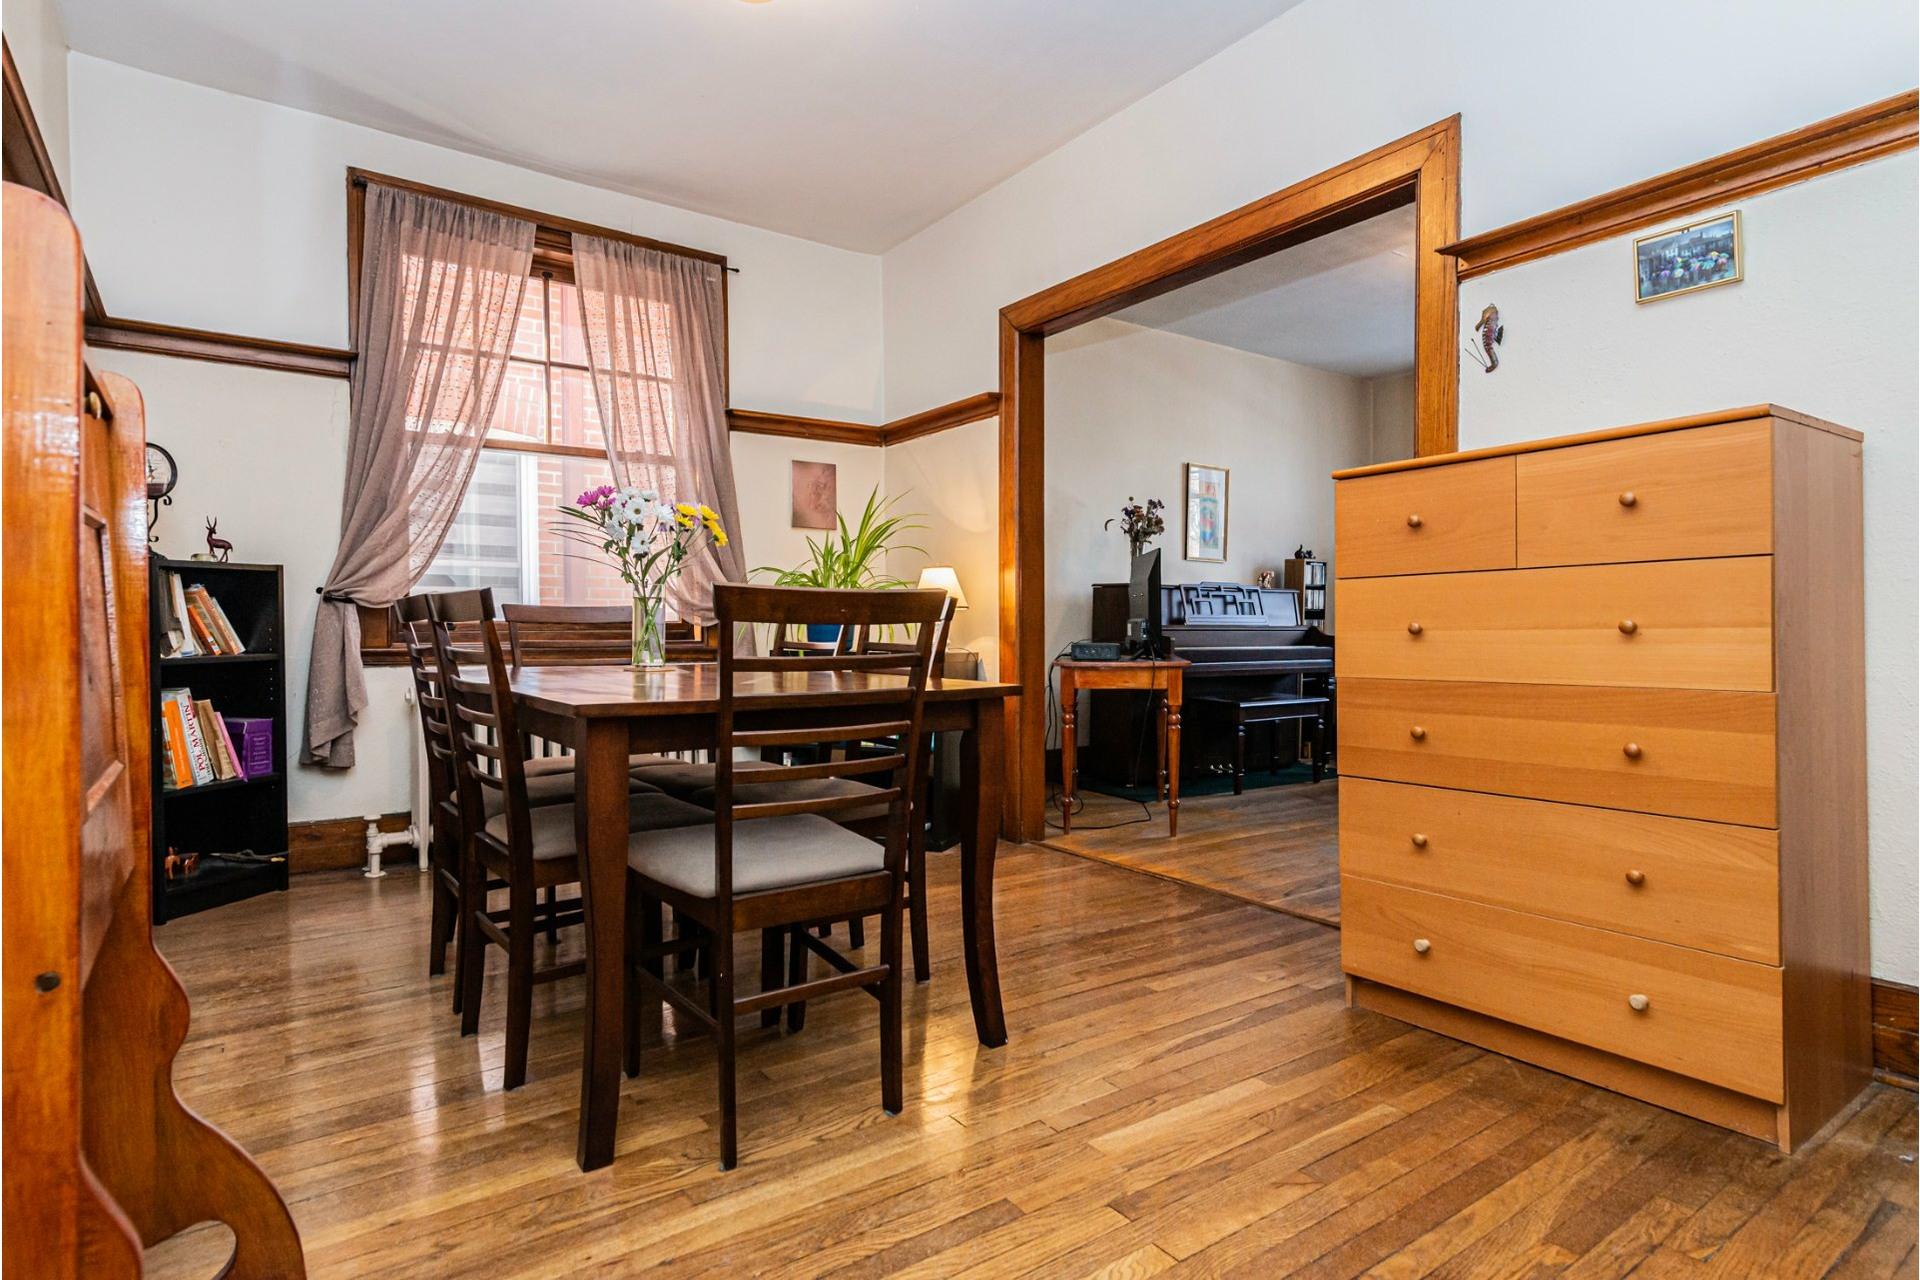 image 21 - Duplex À vendre Côte-des-Neiges/Notre-Dame-de-Grâce Montréal  - 6 pièces